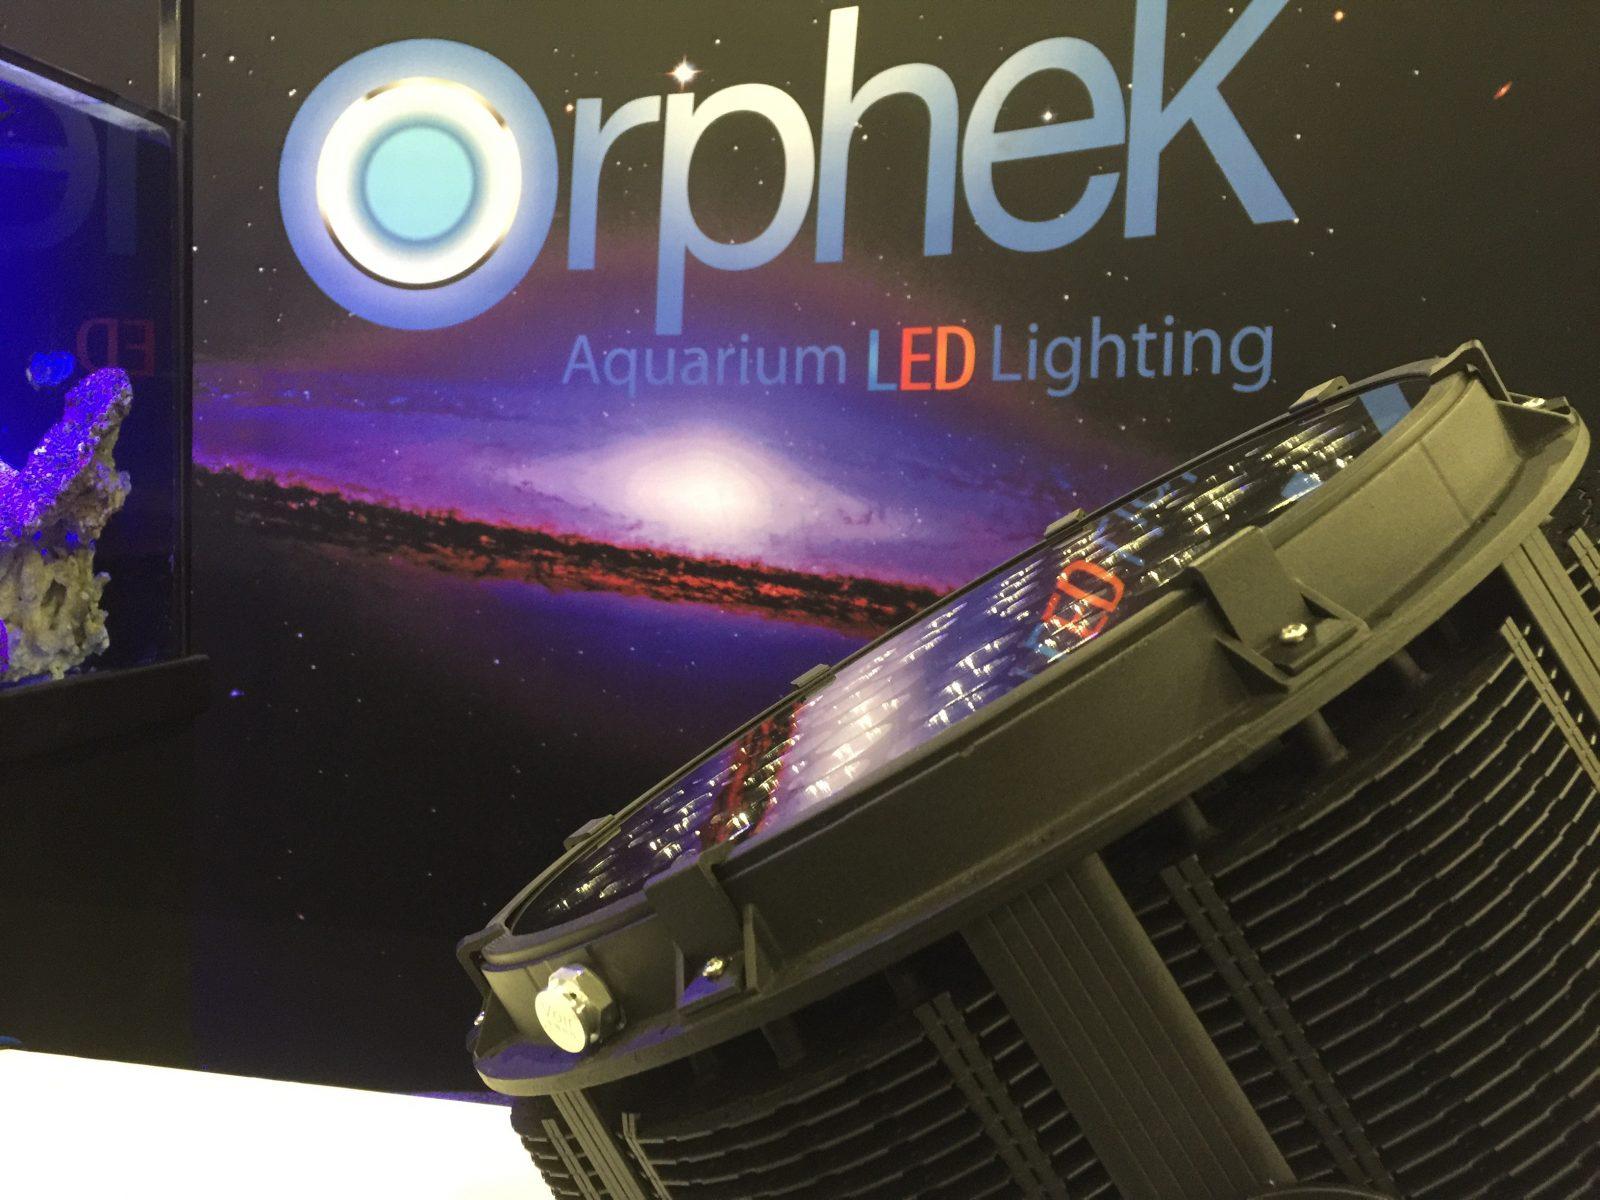 العام حوض السمك-LED-الإضاءة أمازوناس-500w